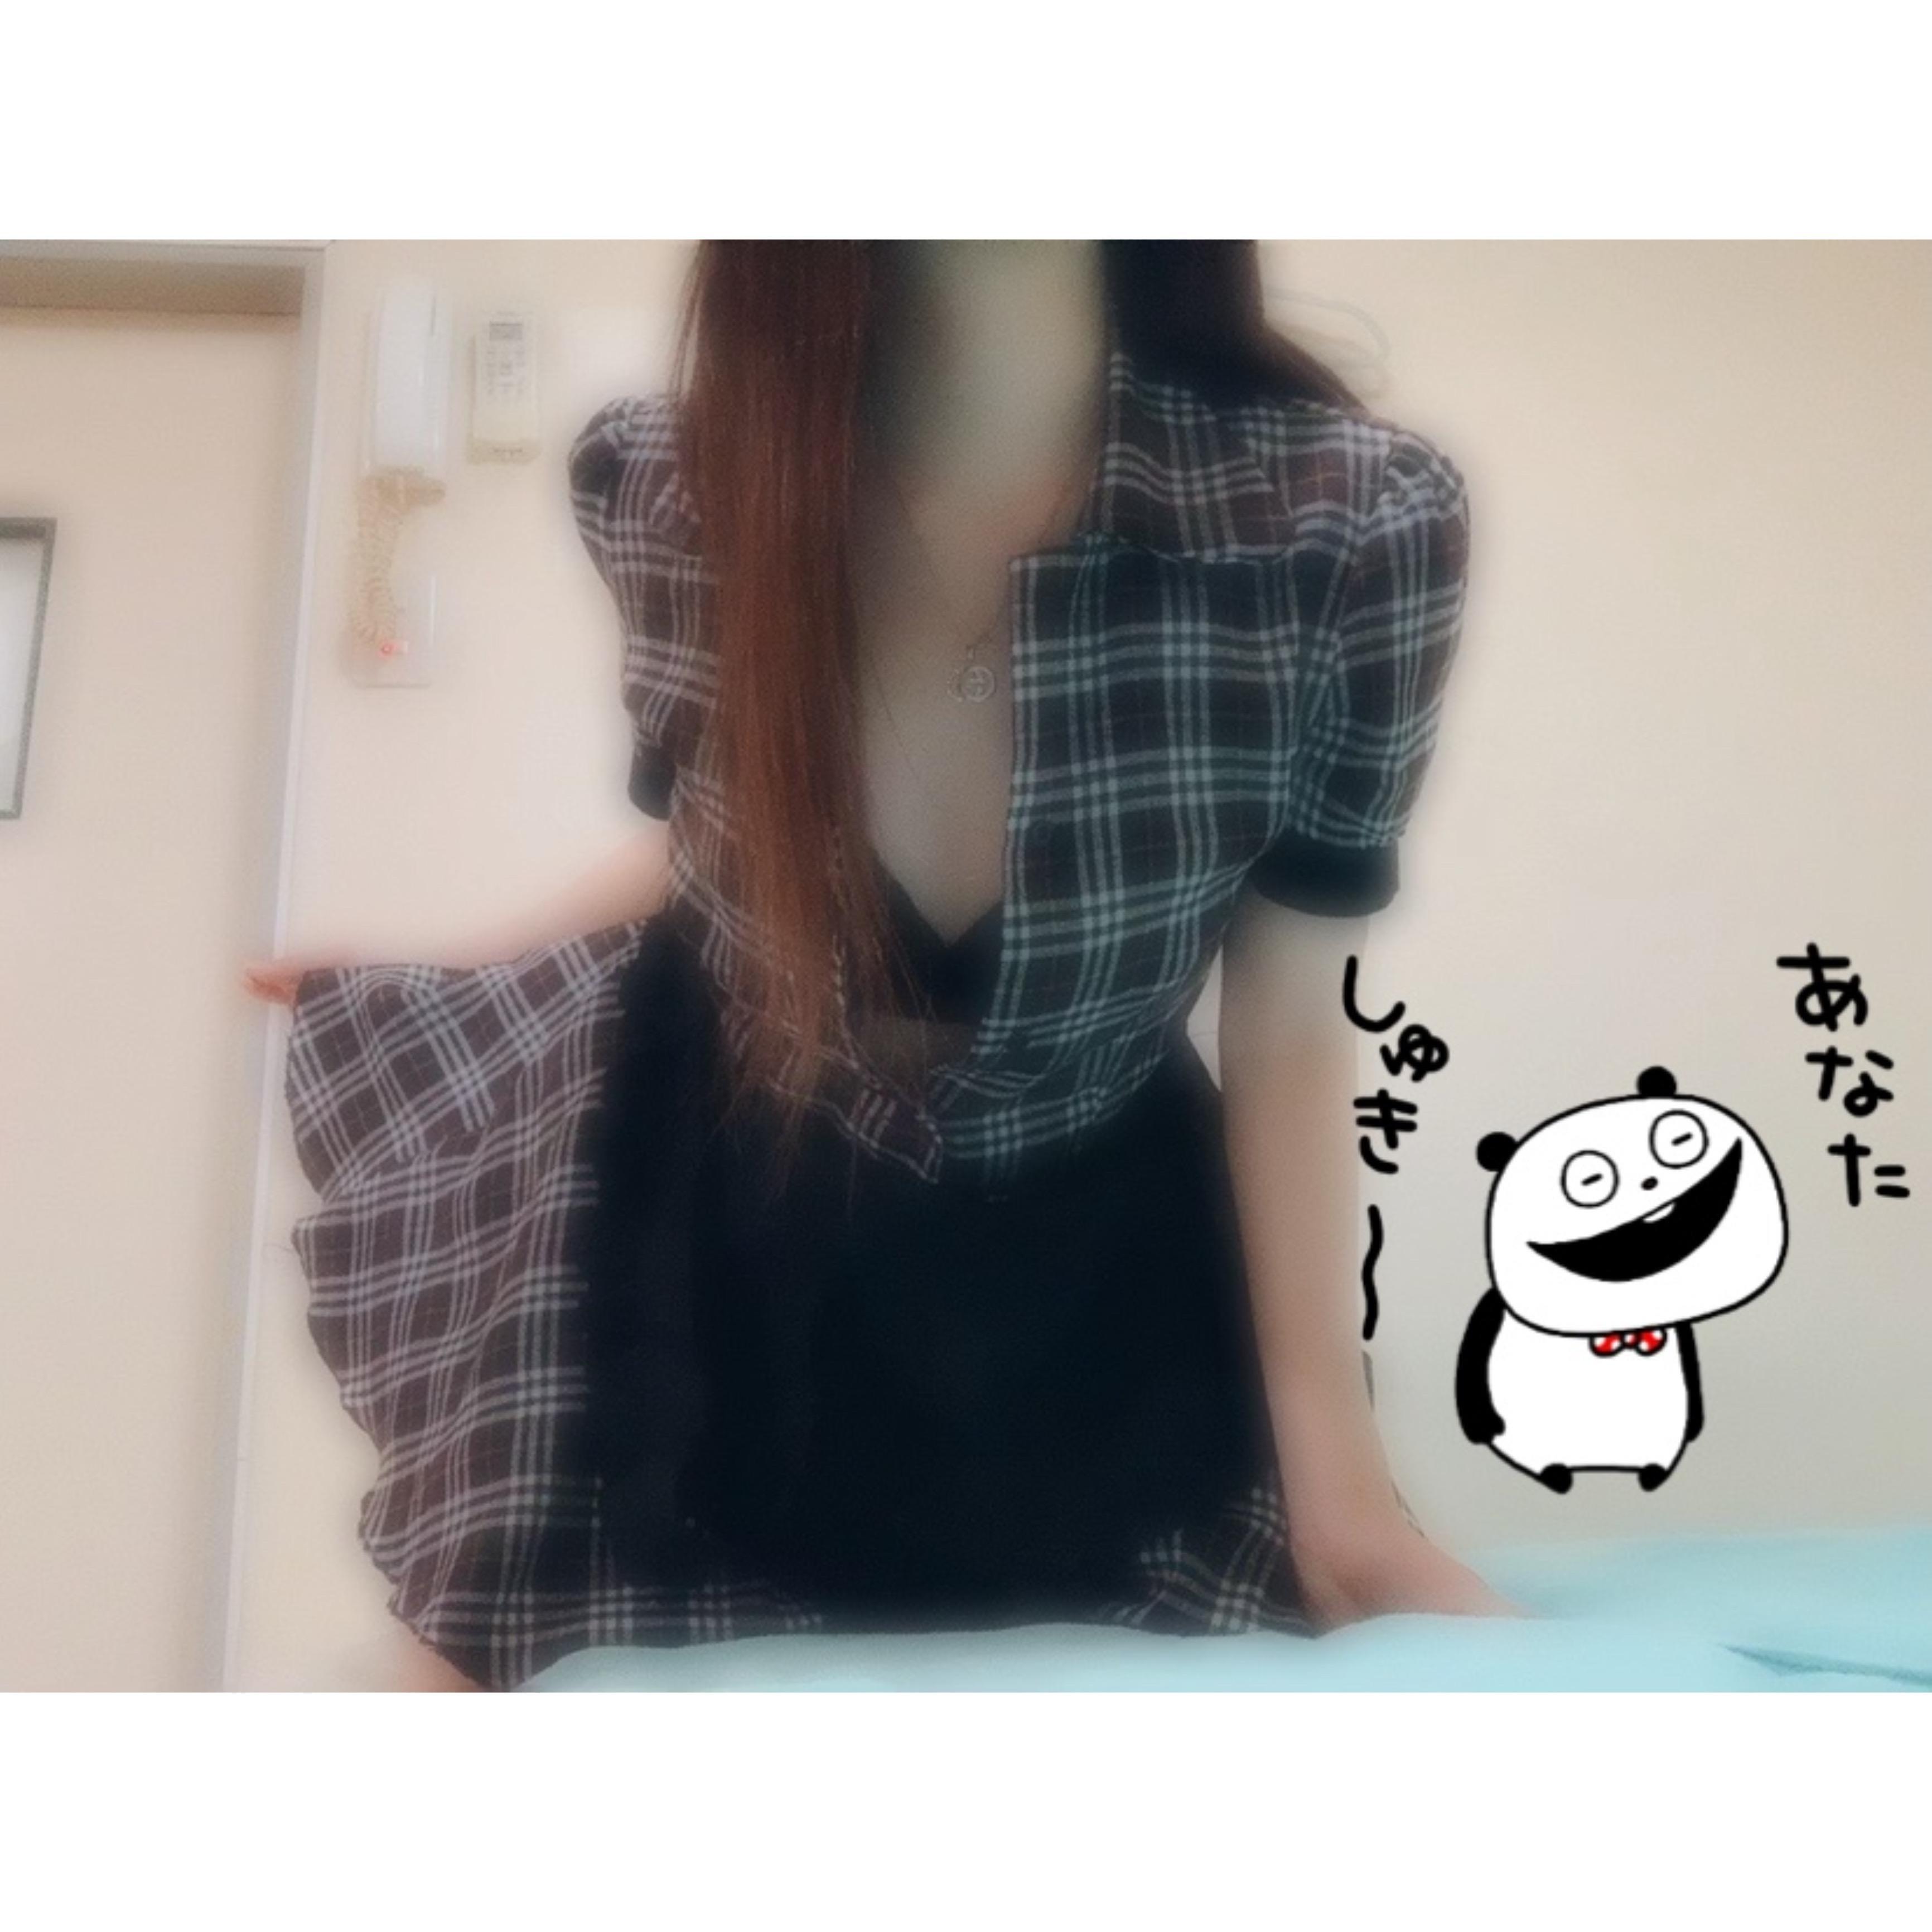 「ポカポカ静電気⚡️」02/19(02/19) 18:41 | みうの写メ・風俗動画